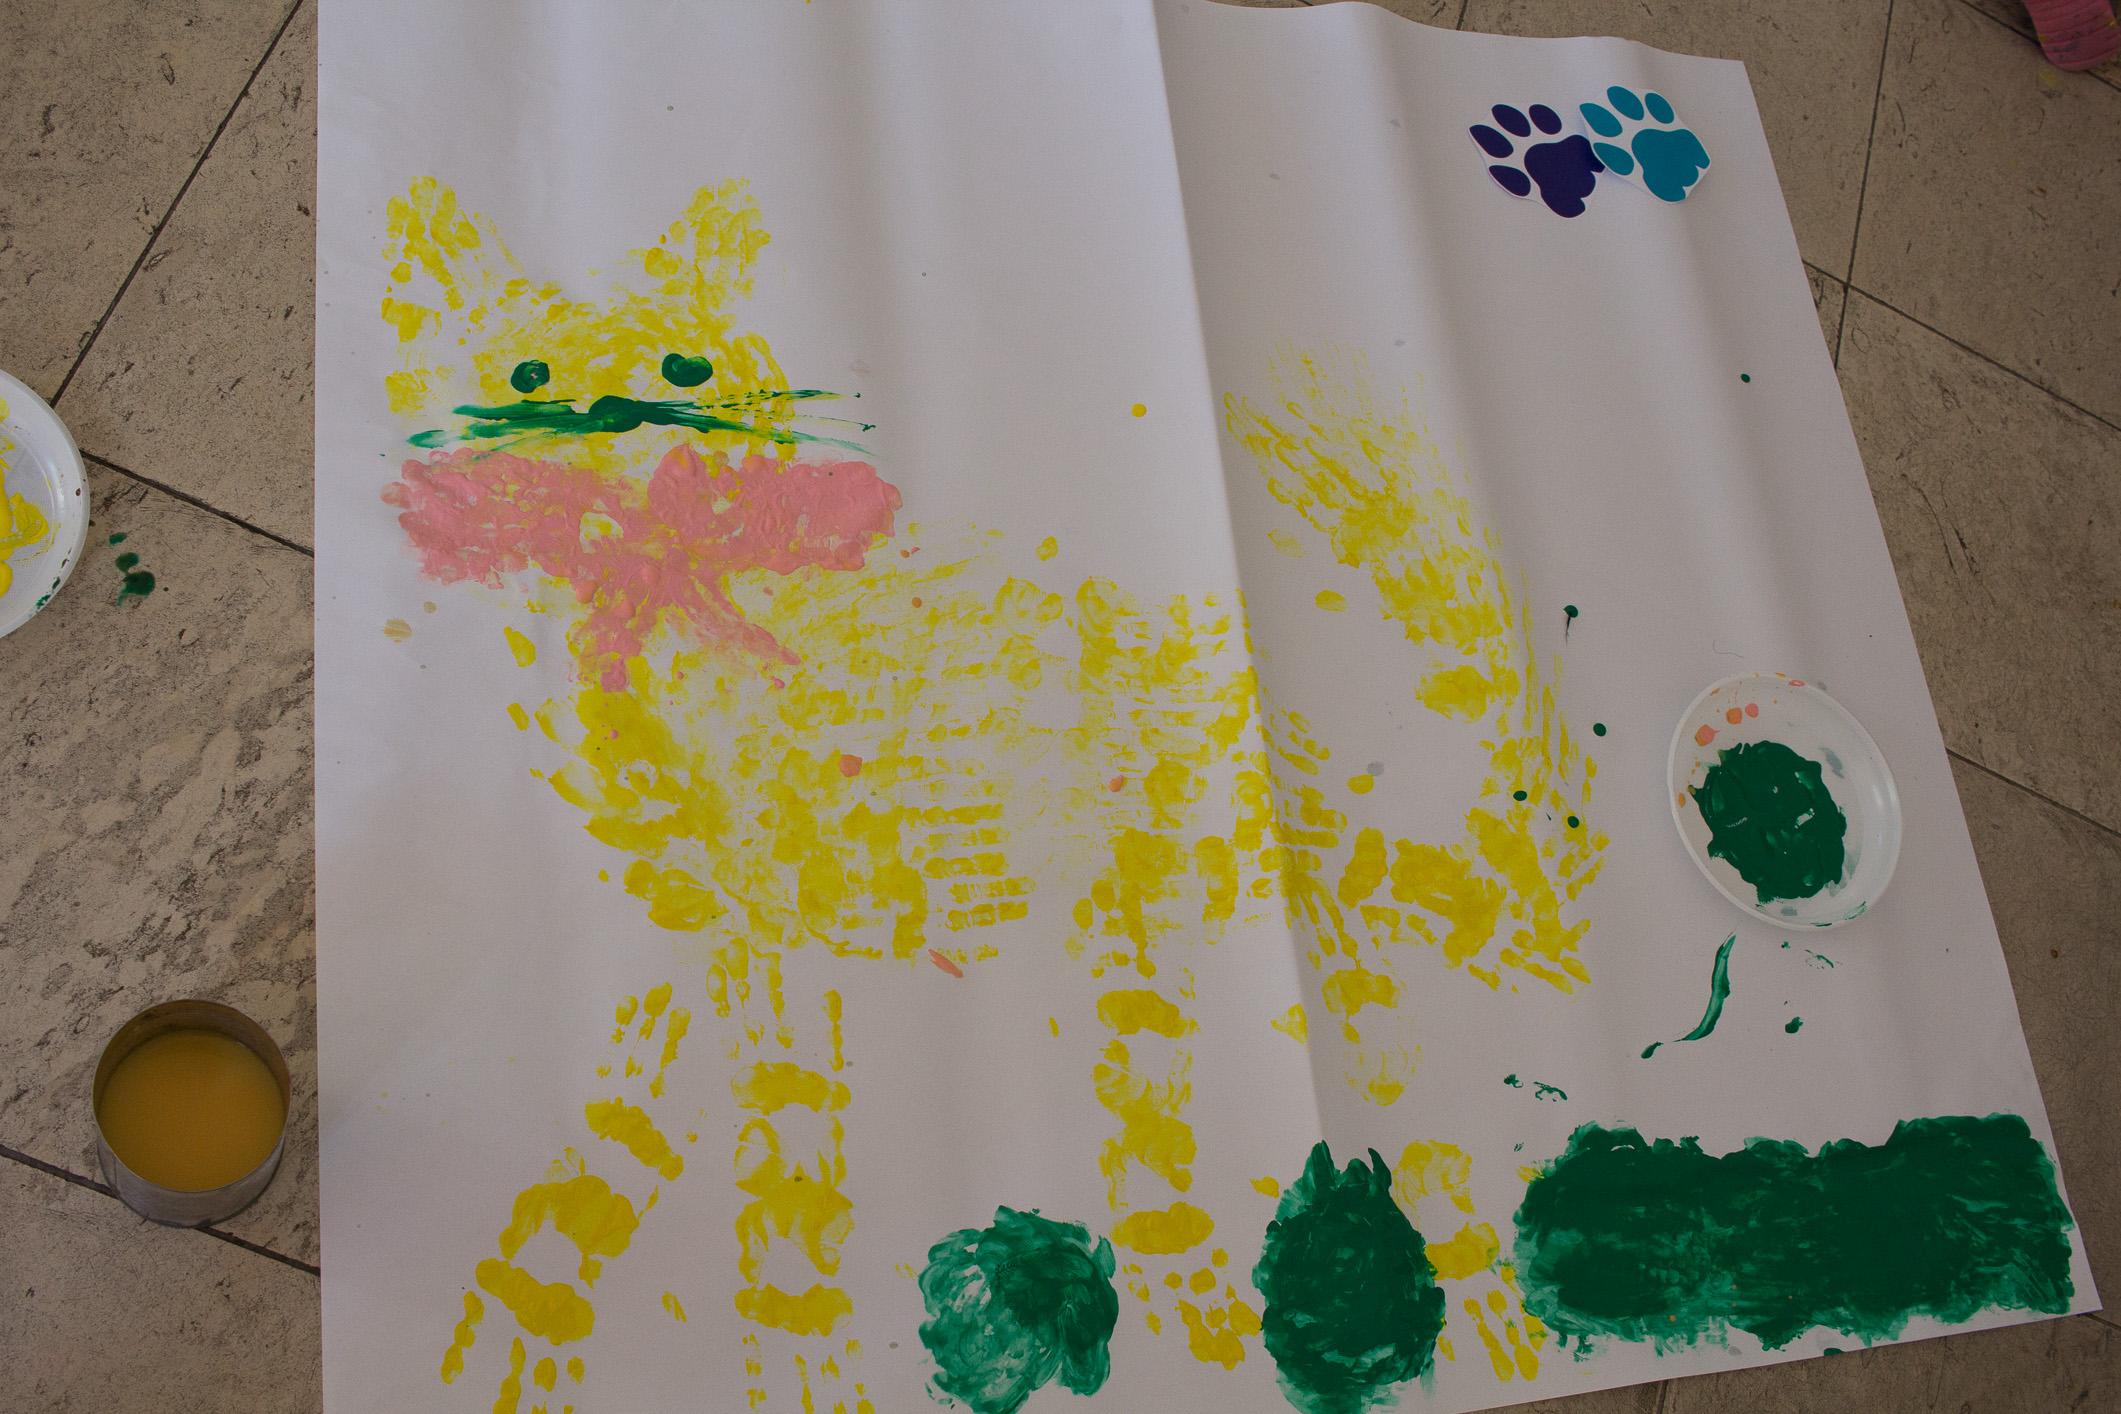 malovanie-deti-sng-zamok-3